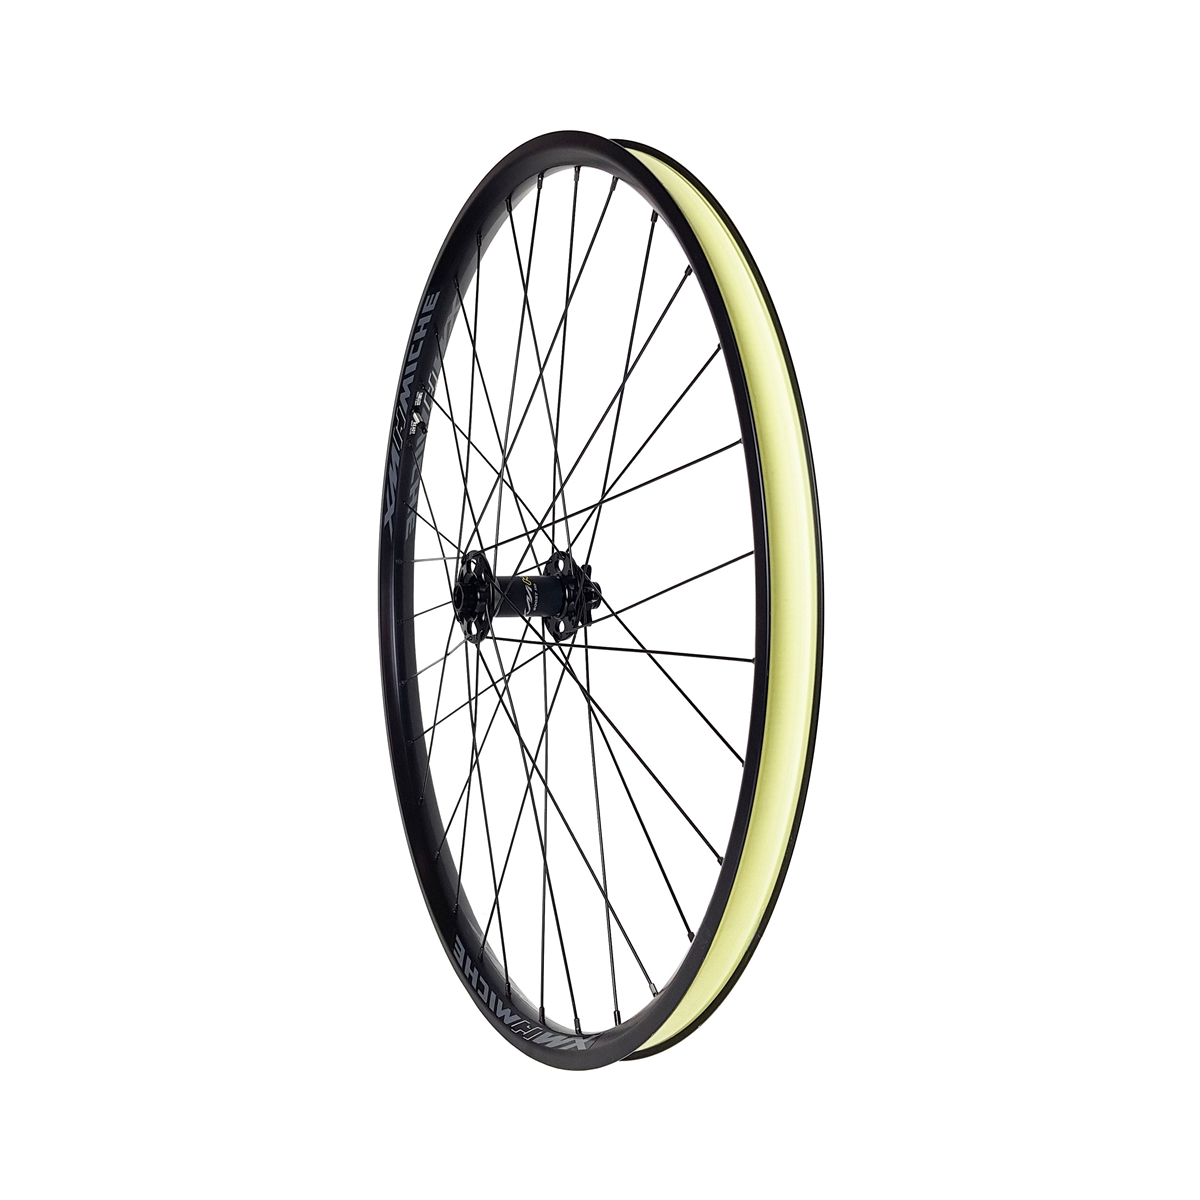 Ruote Anteriore Boost E-Bike 29'' XMH30 AXY Canale 30mm Tubeless Ready Nero